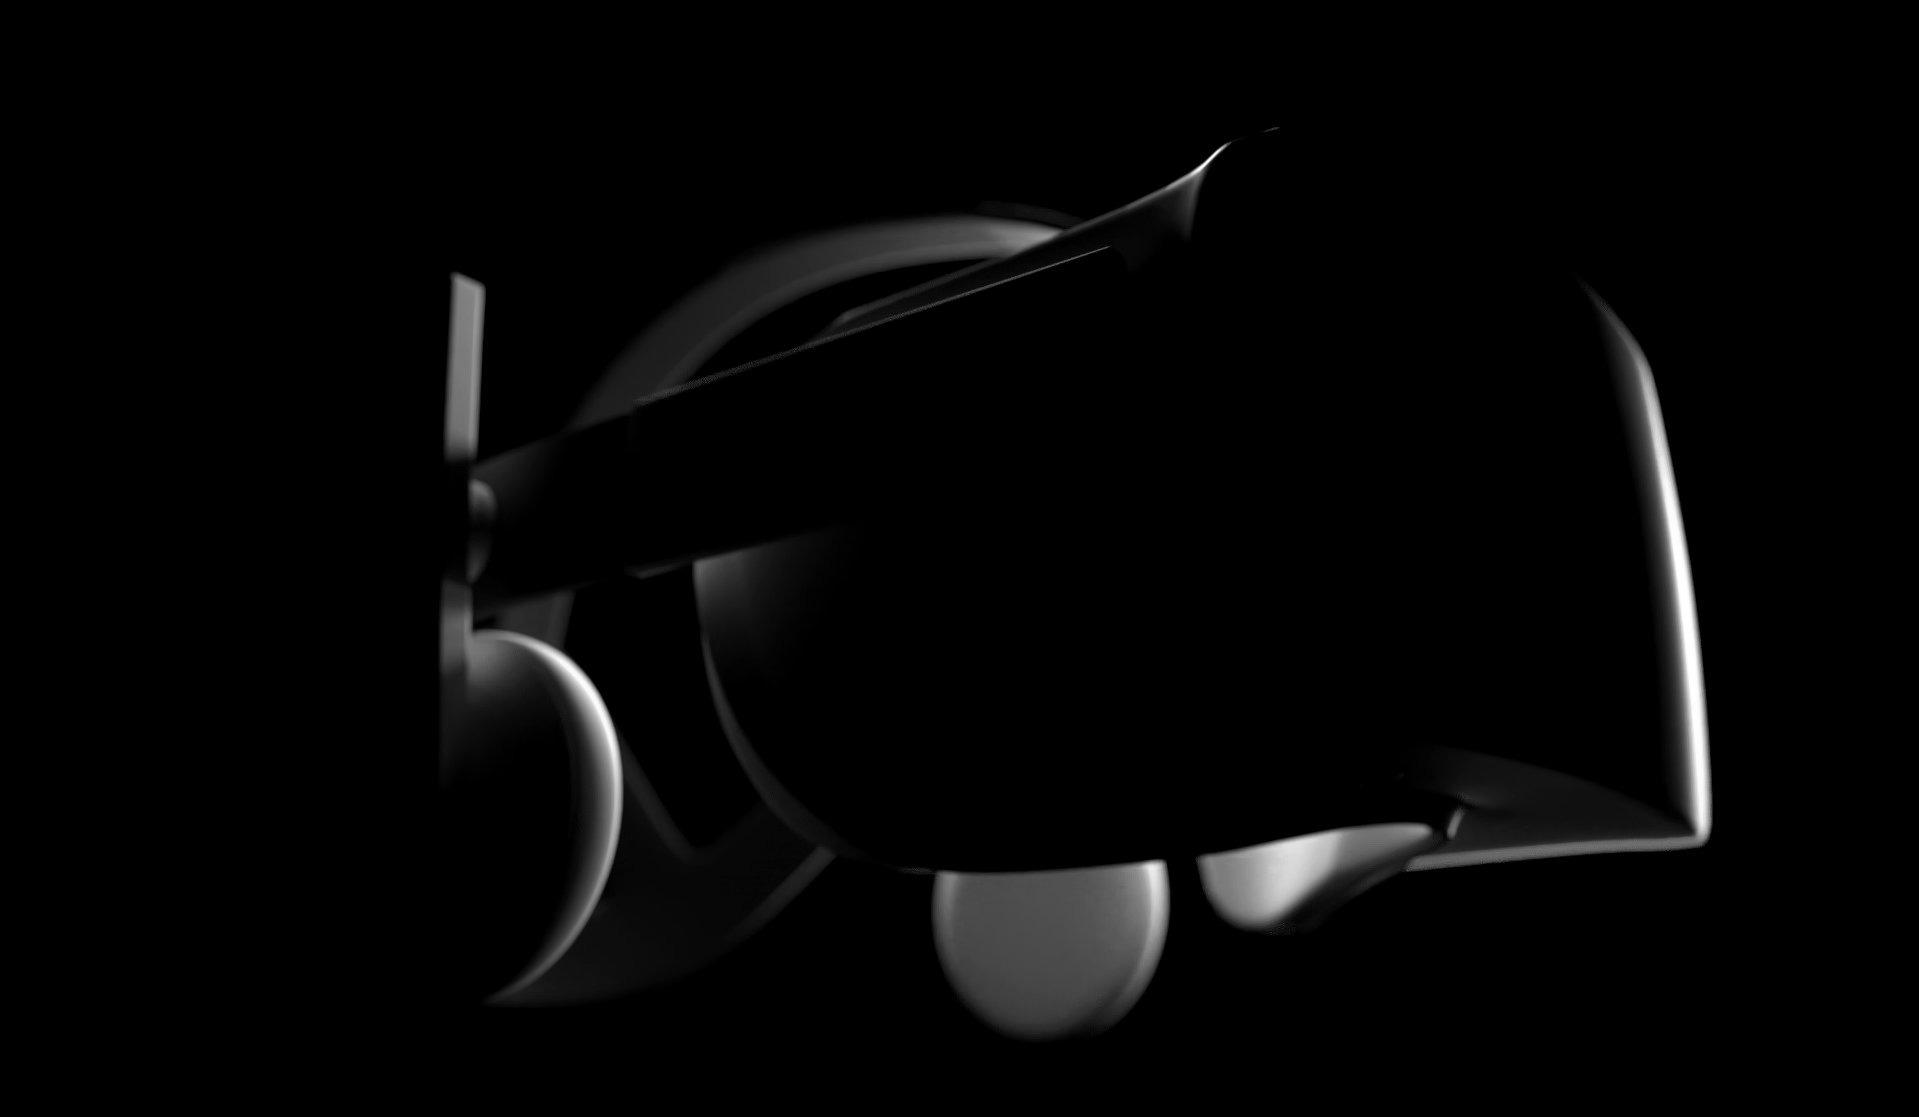 OculusRift Rendering